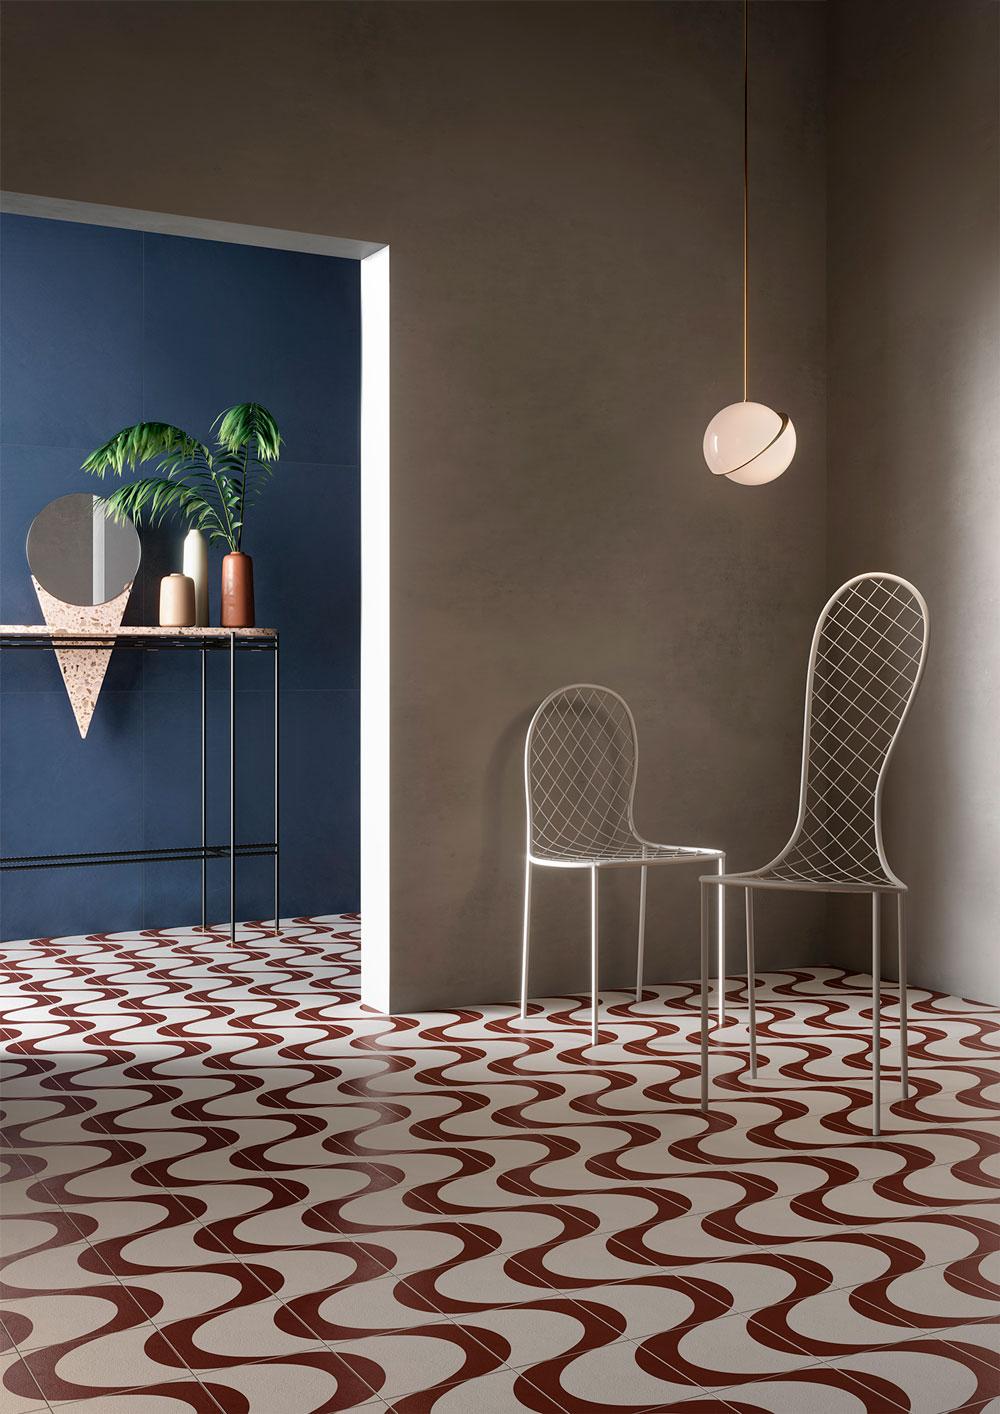 Eccentric Spaces - fotografia pubblicitaria di interior design